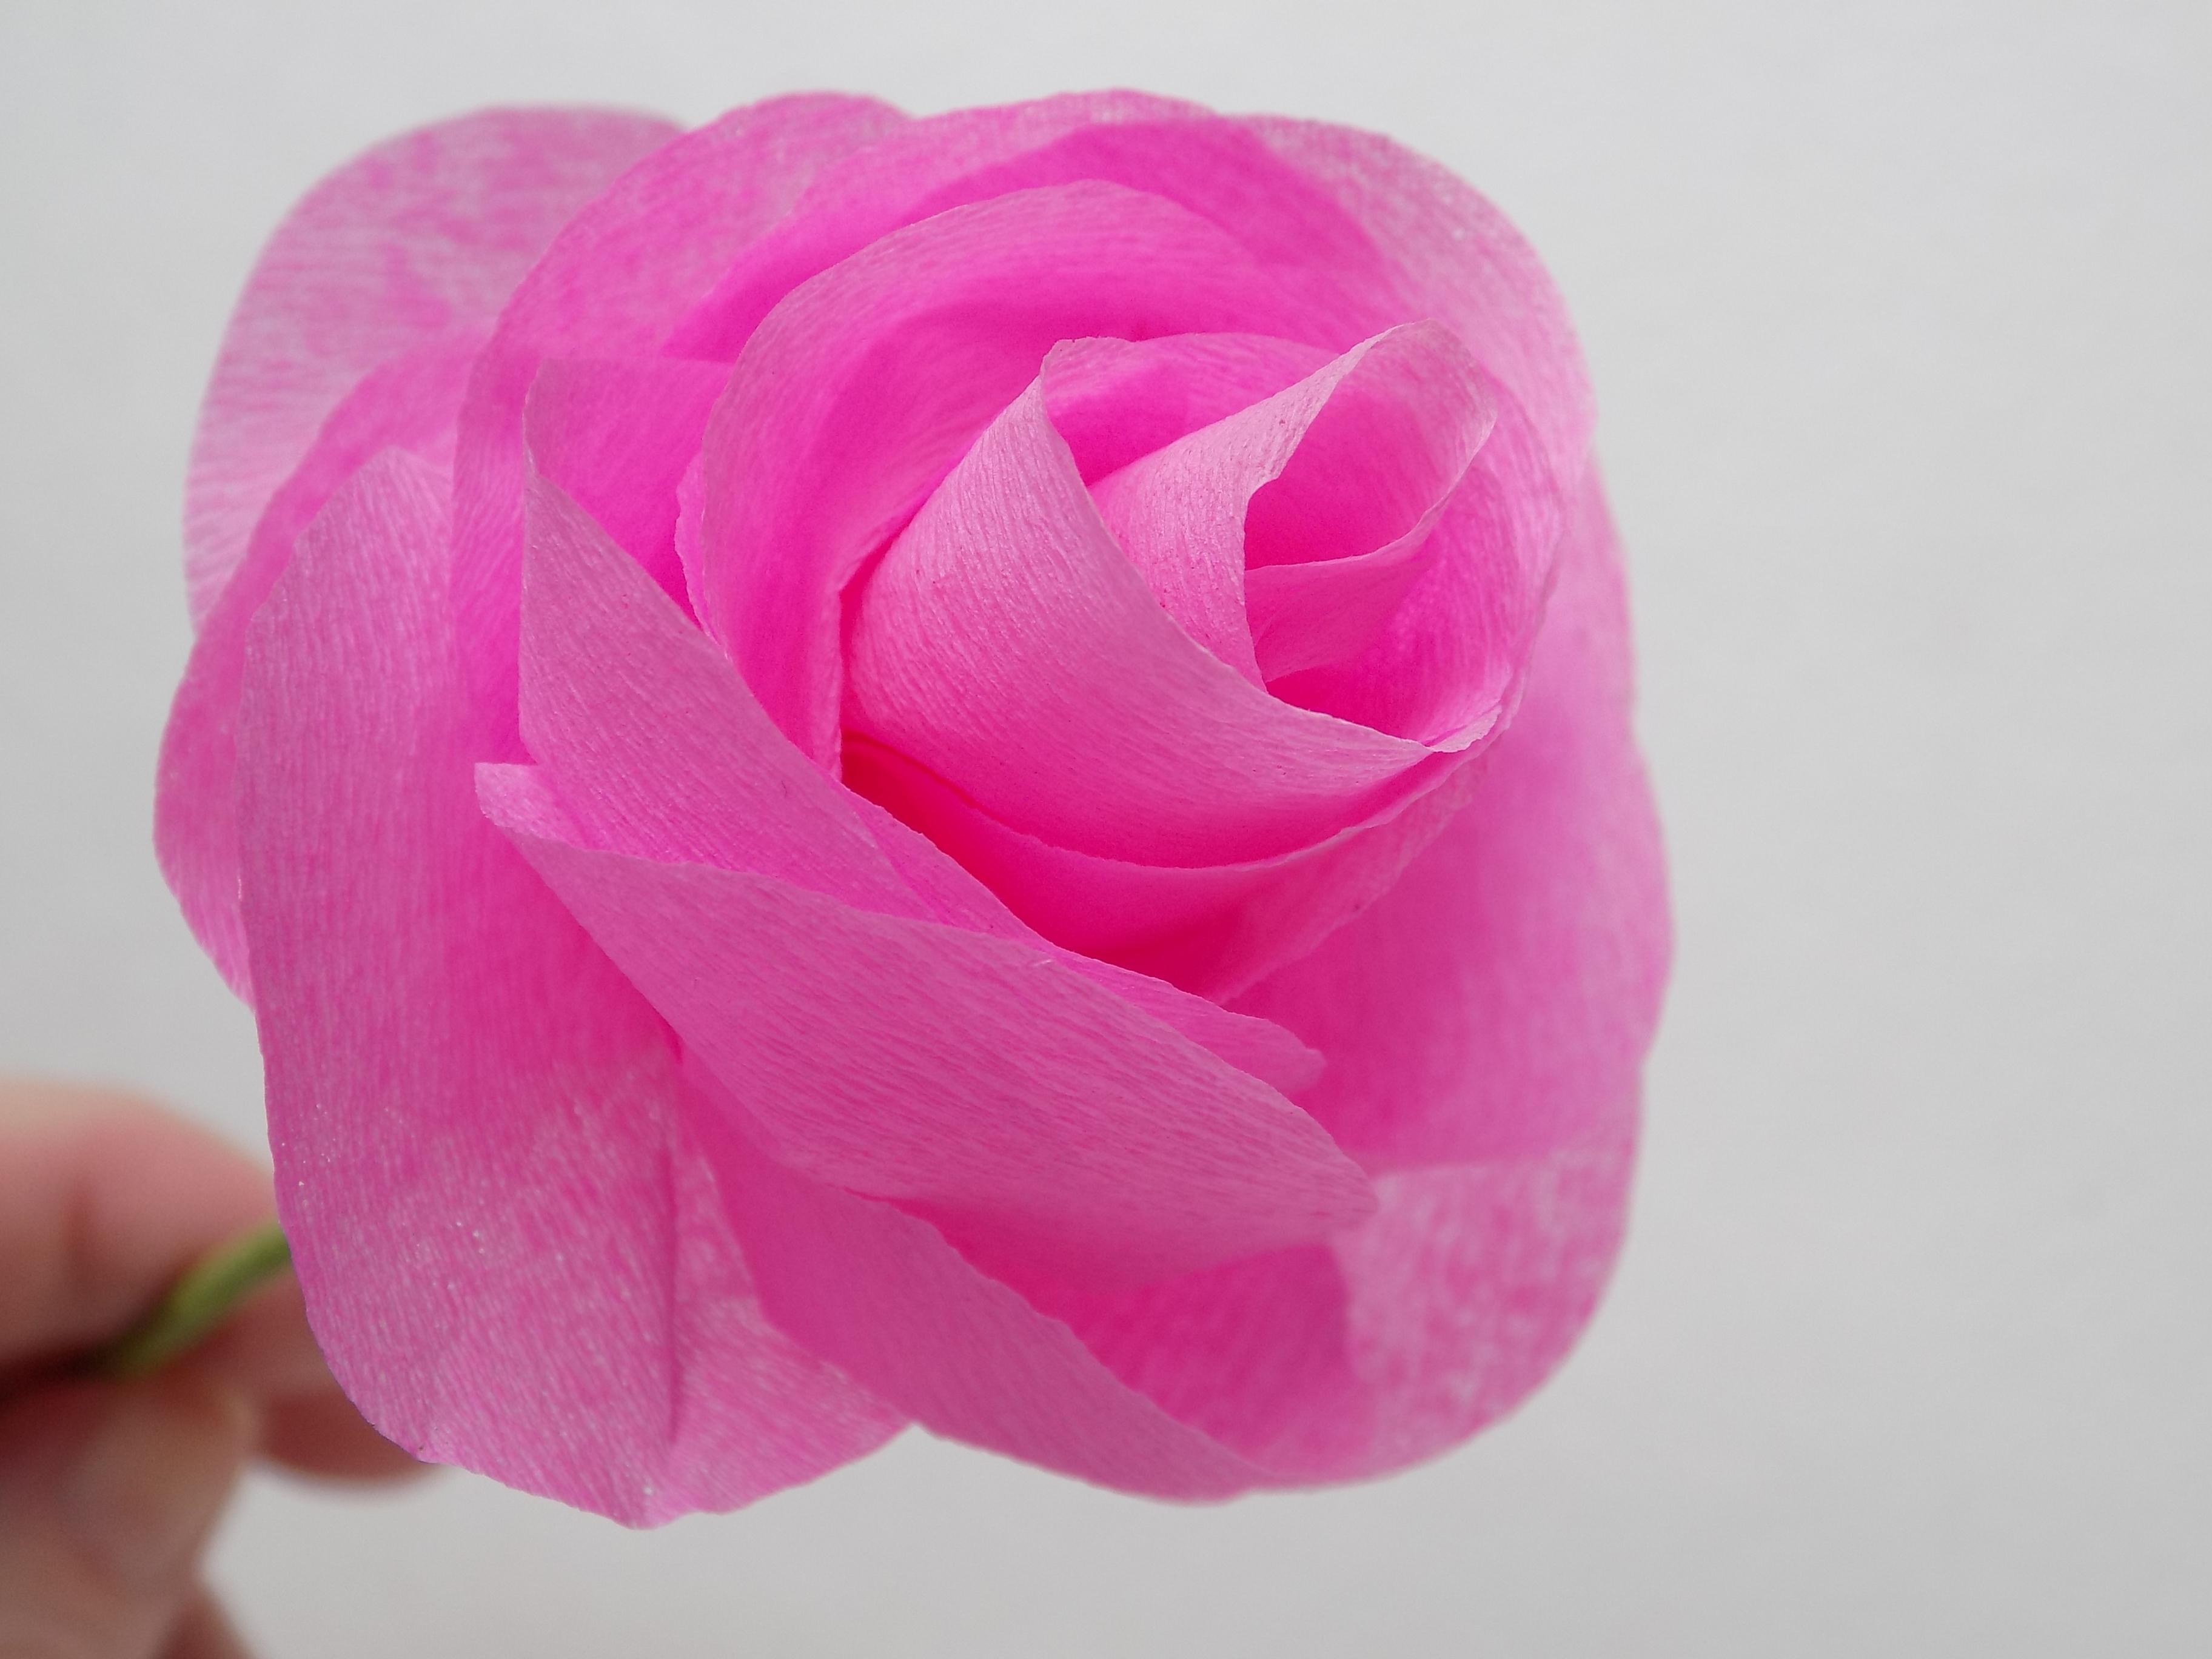 Мастер-класс по созданию роз из гофрированной бумаги